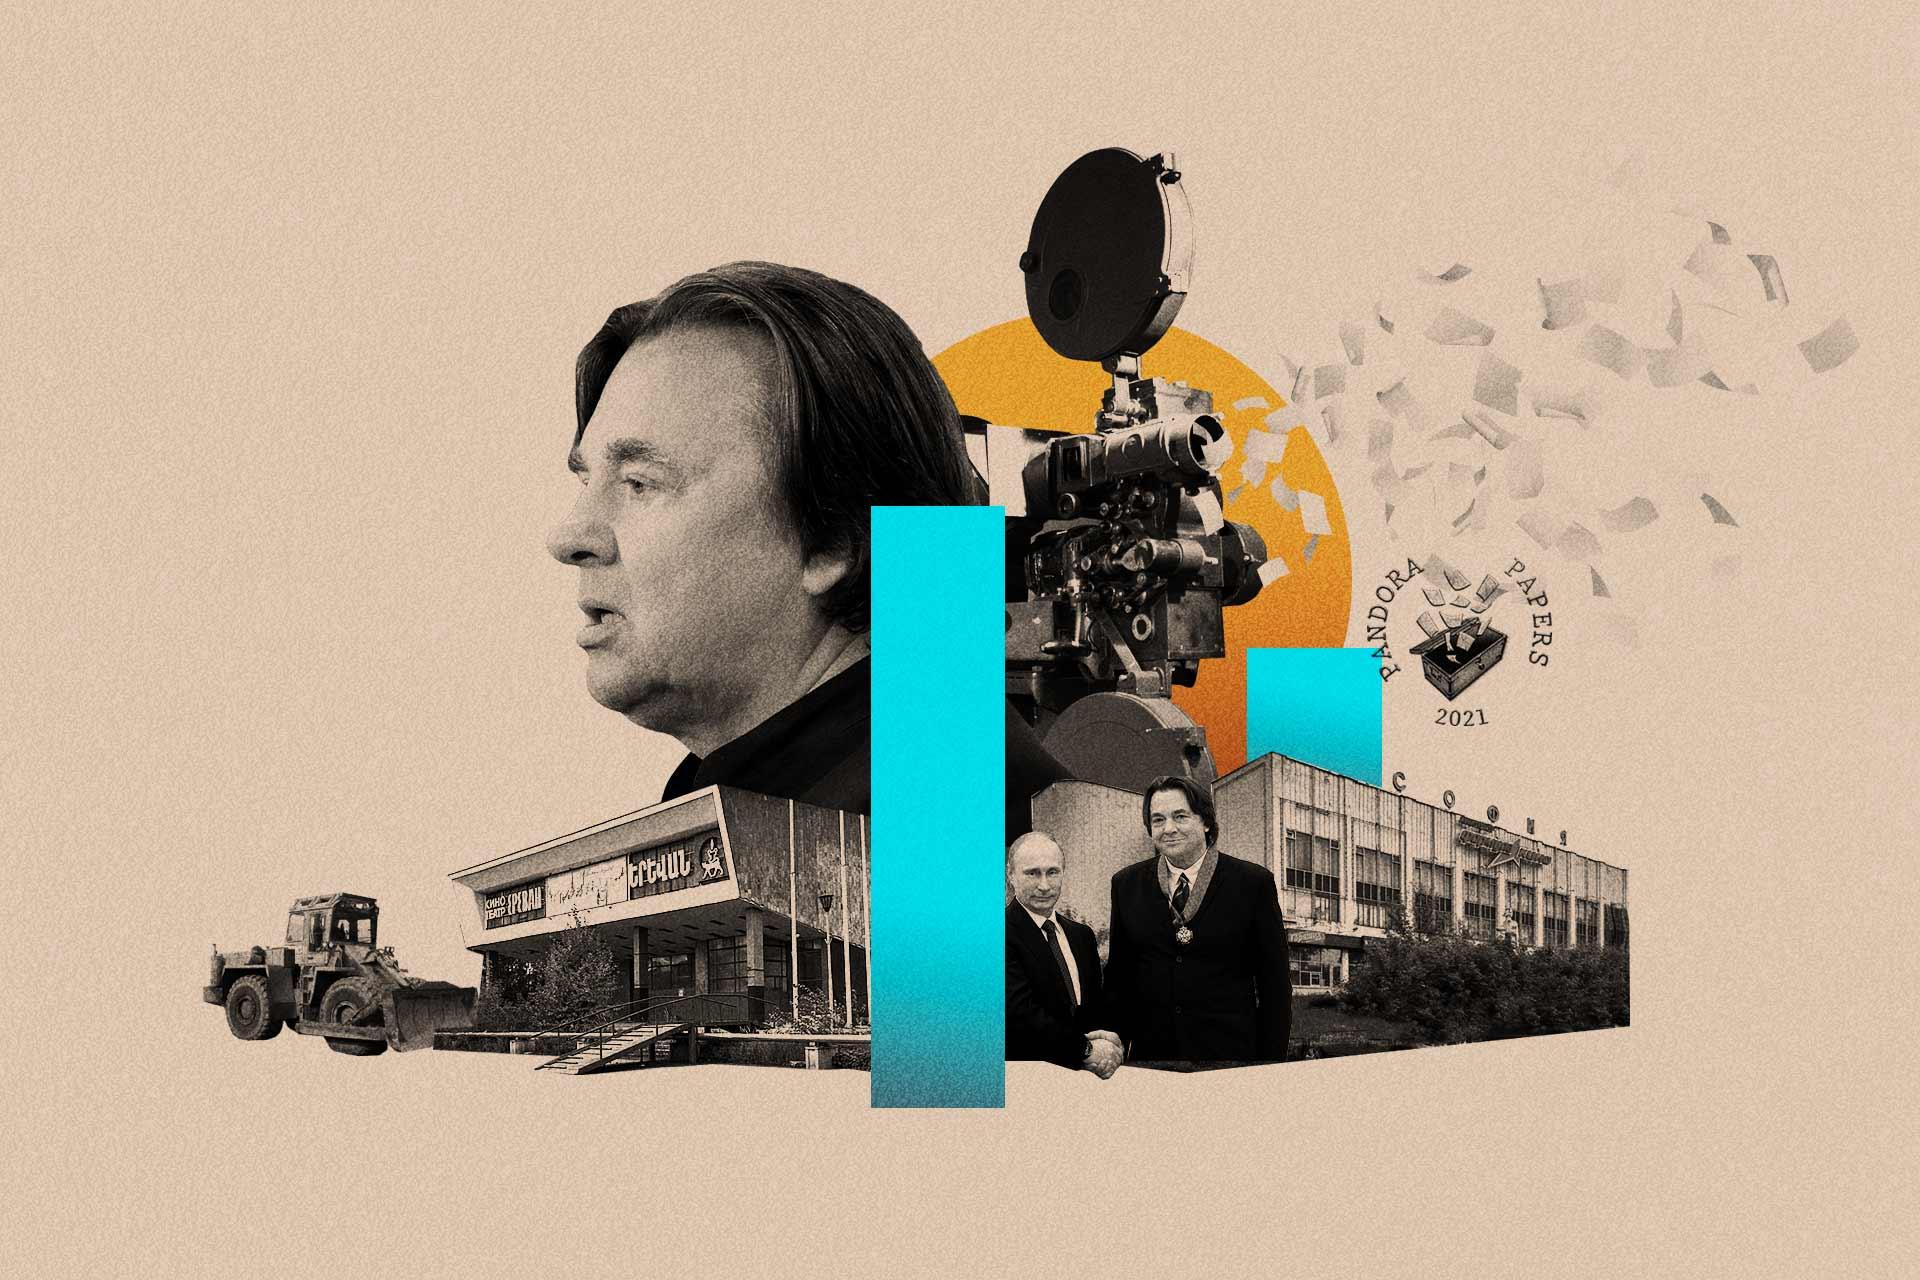 Генеральный директор «Первого канала» оказался бенефициаром проекта перестройки советских кинотеатров на миллиард долларов